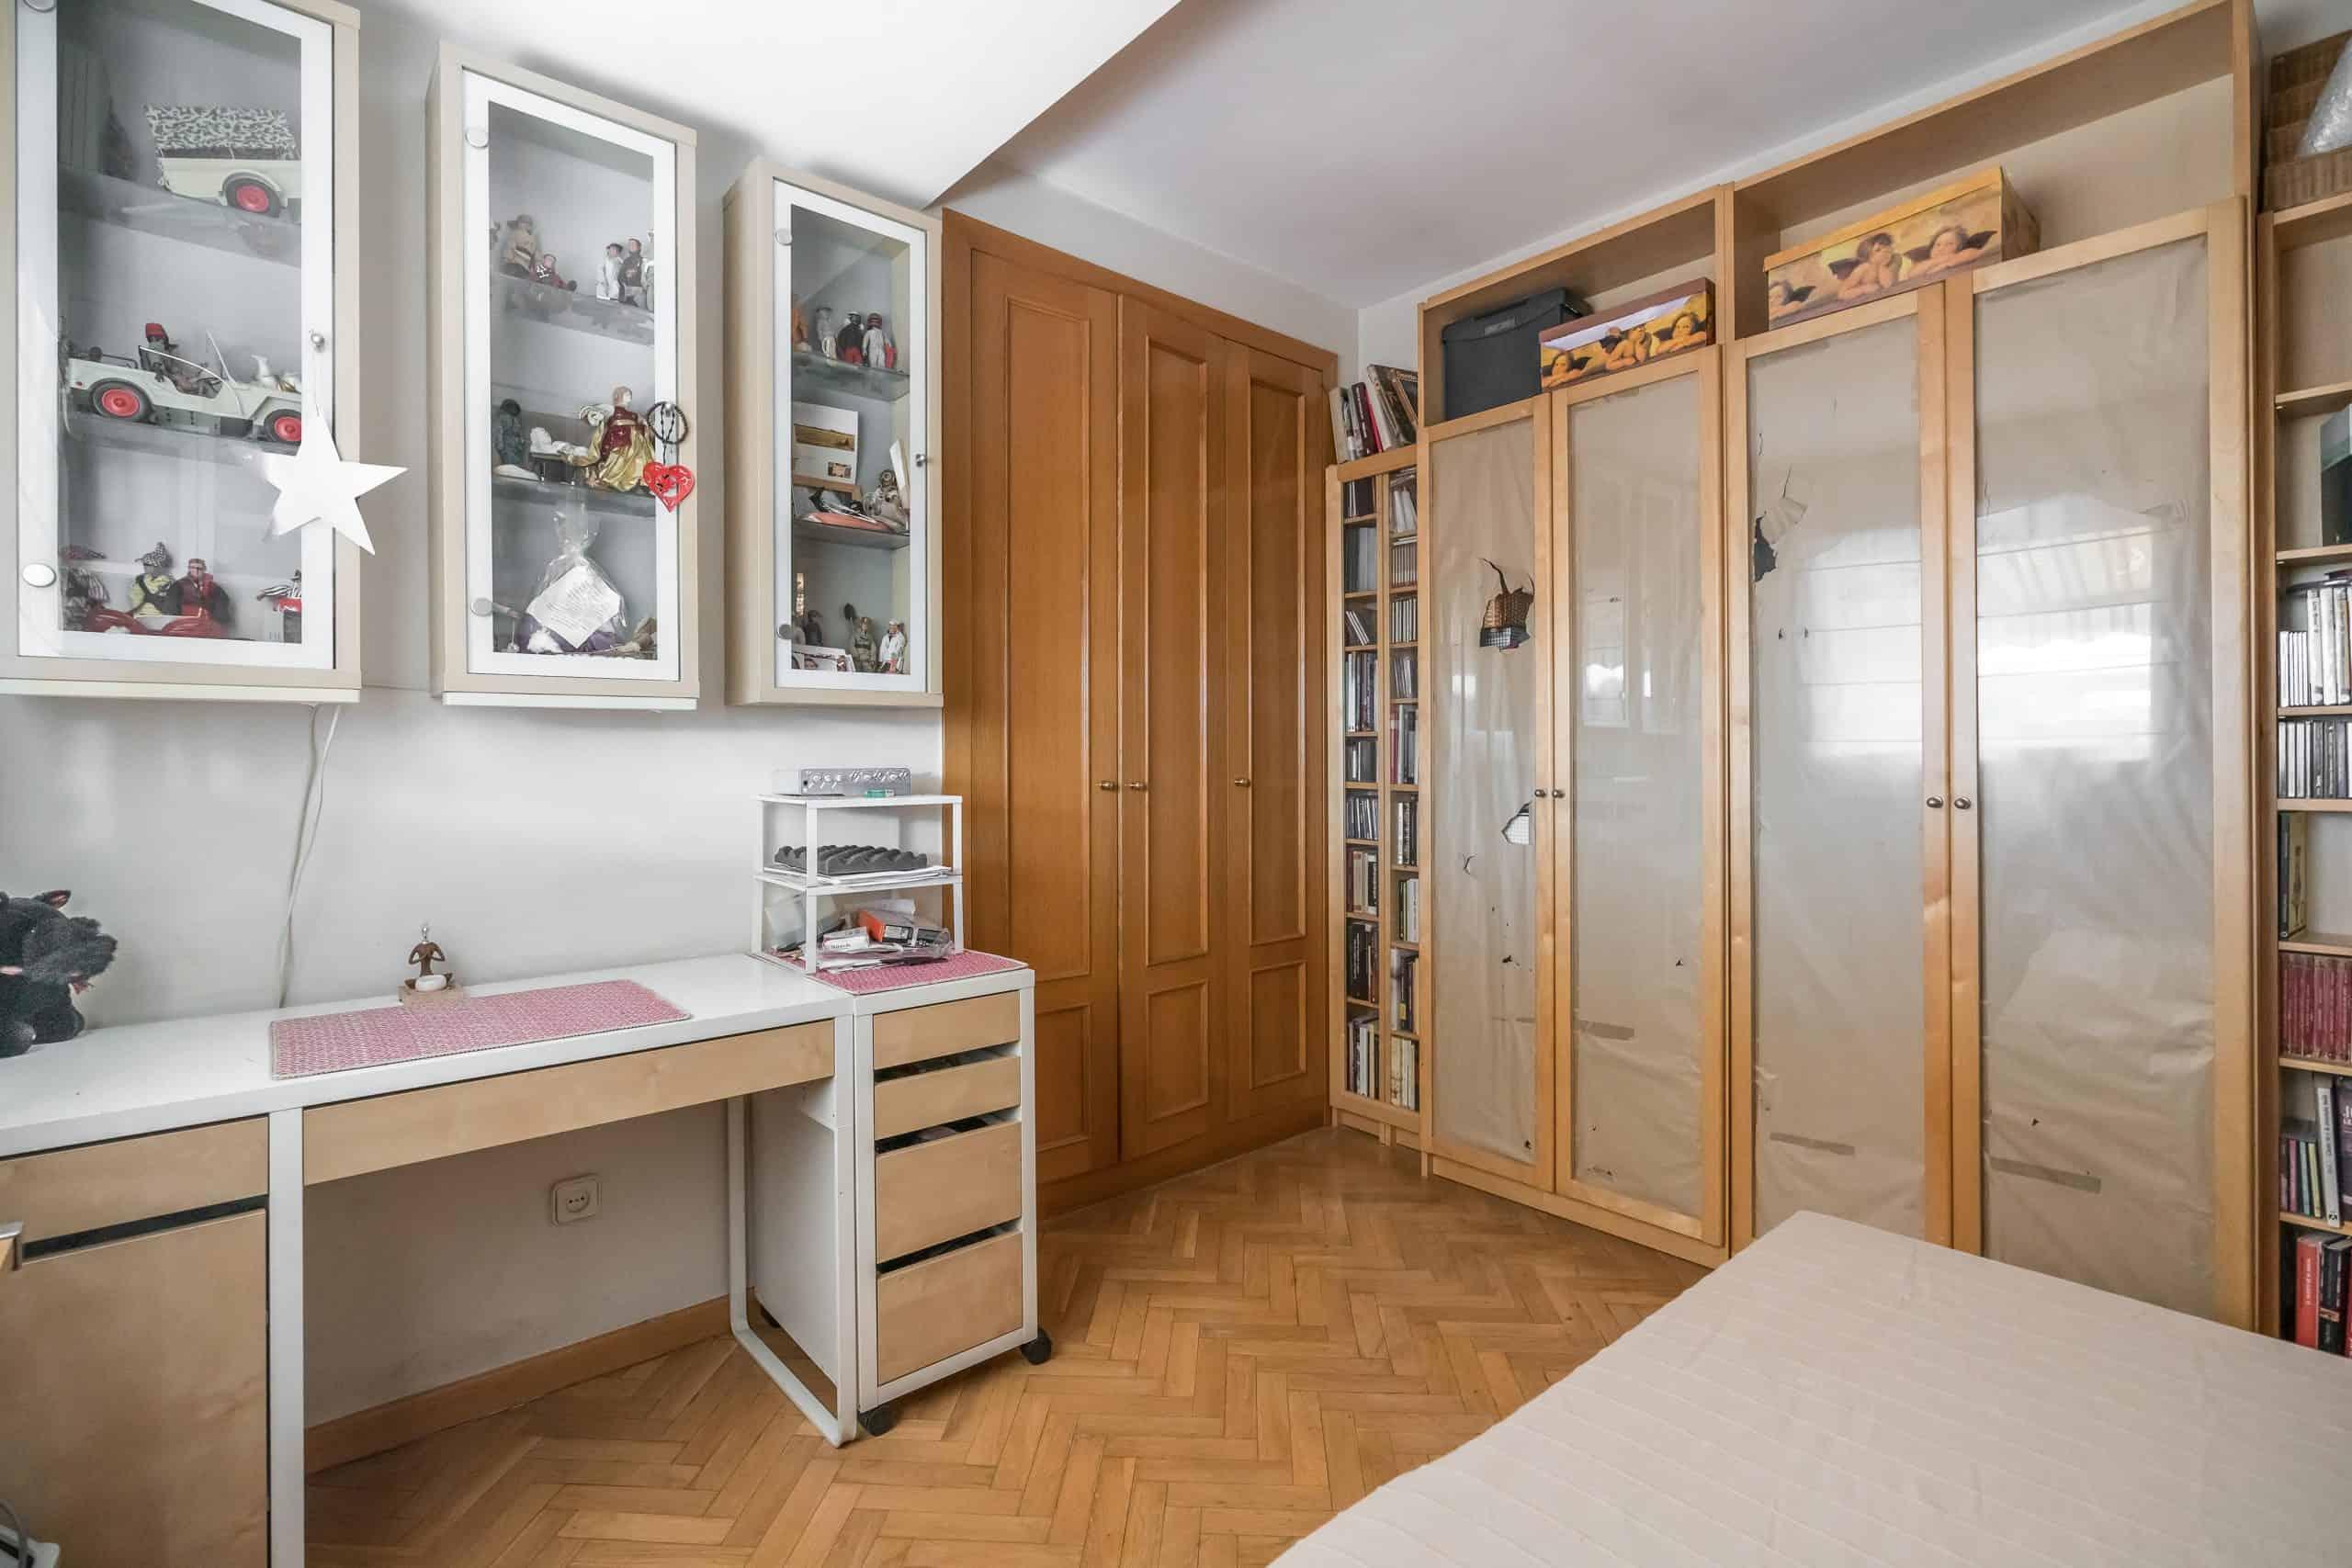 Agencia Inmobiliaria de Madrid-FUTUROCASA-Zona ARGANZUELA-EMBAJADORES-LEGAZPI2 DORMITORIO 4 (2)